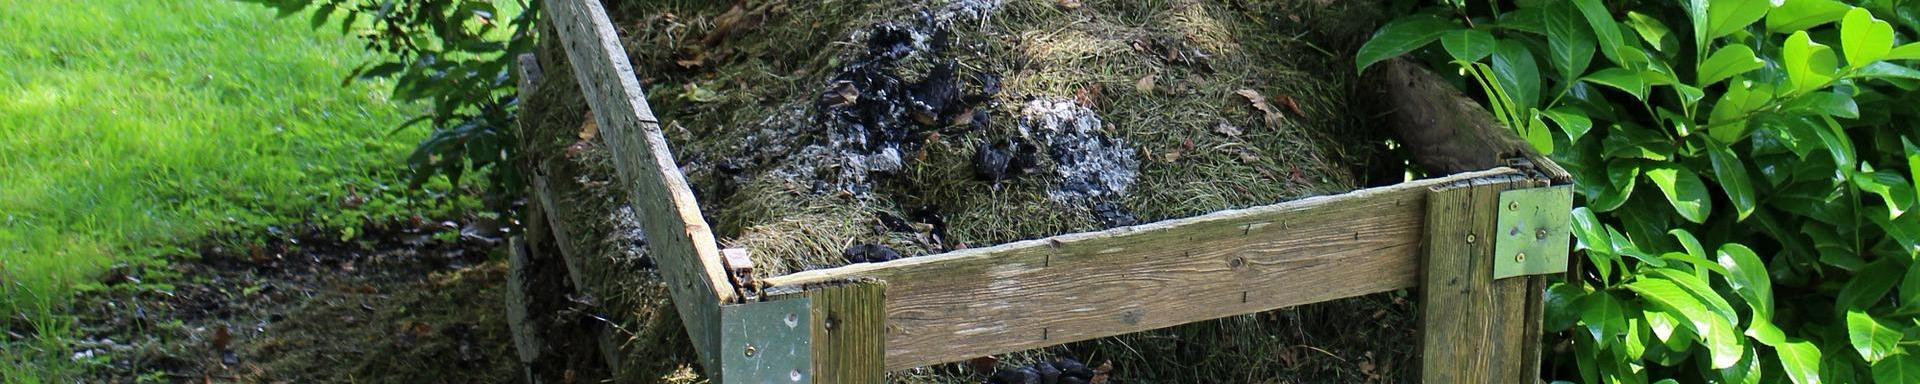 Exigencias de nutrientes en el mantenimiento de huerta en Cantabria